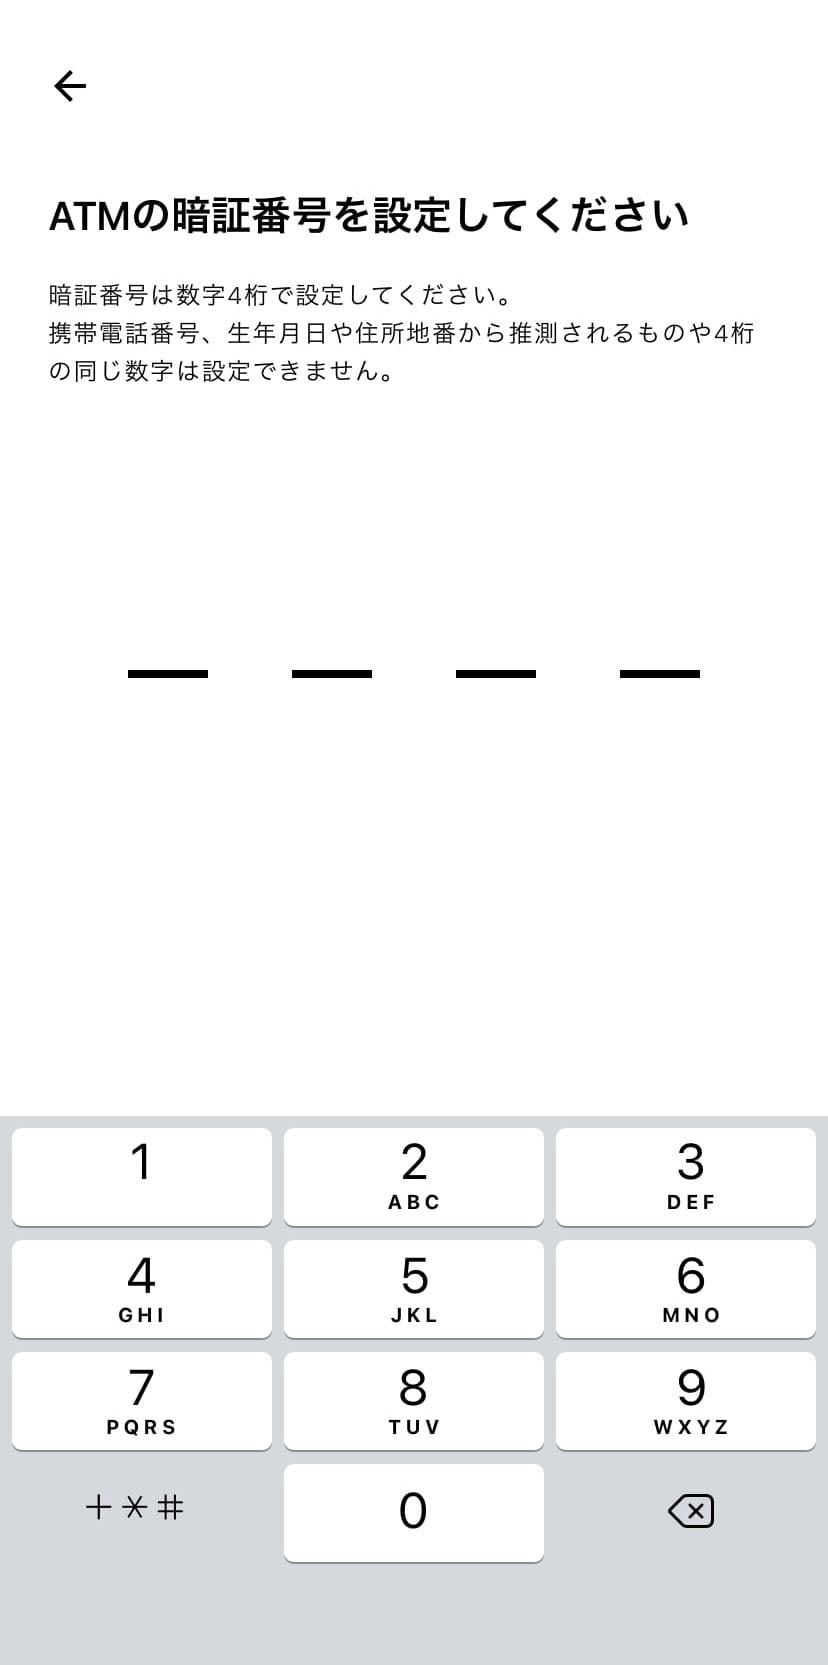 ATMの暗証番号を設定します。 推測されにくい数字4桁を入力します。